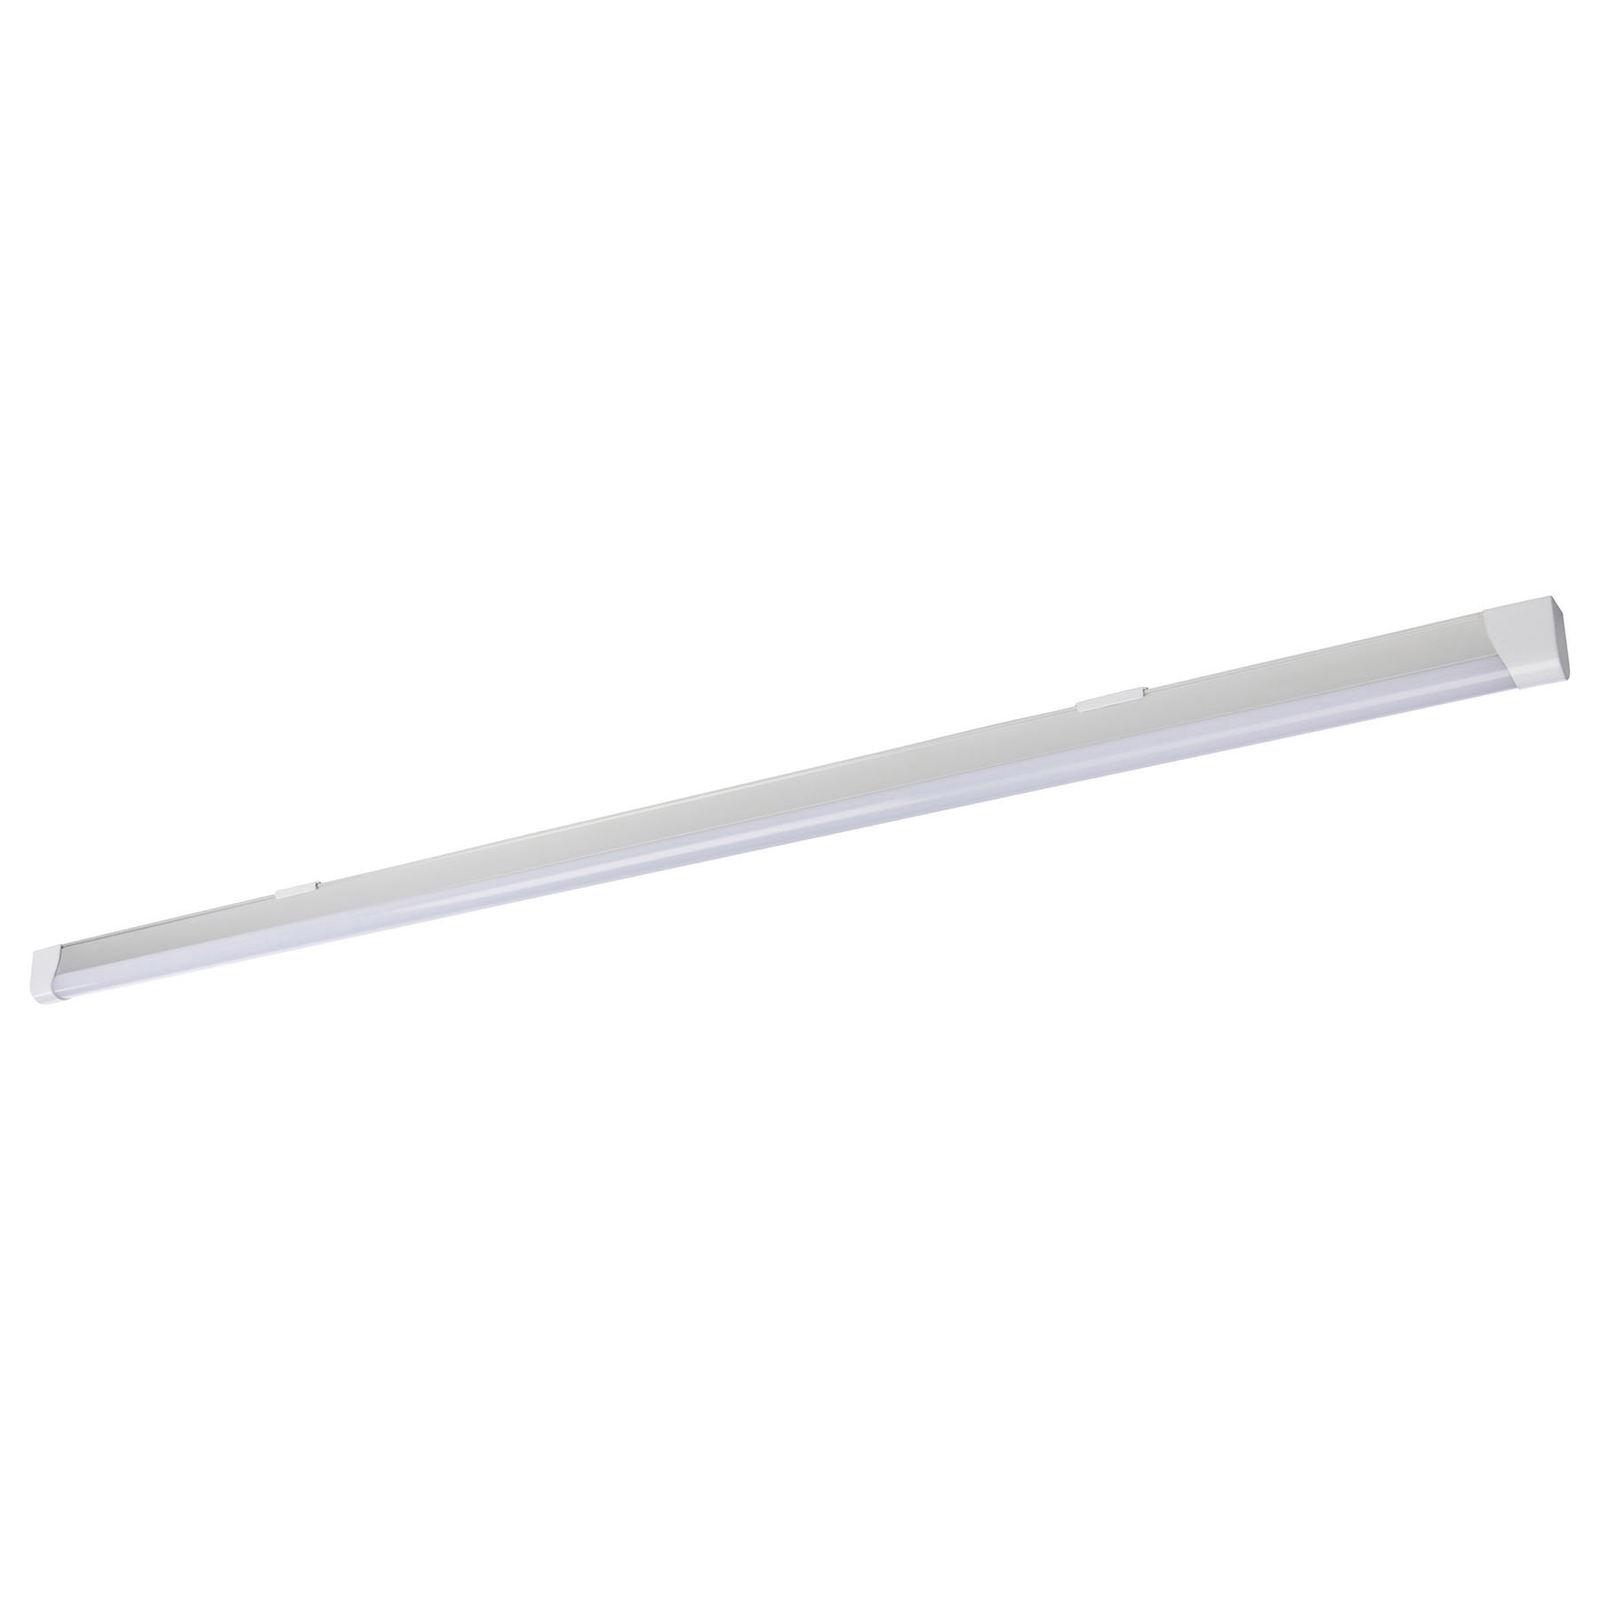 Müller Licht Ecoline 150 LED-Deckenleuchte